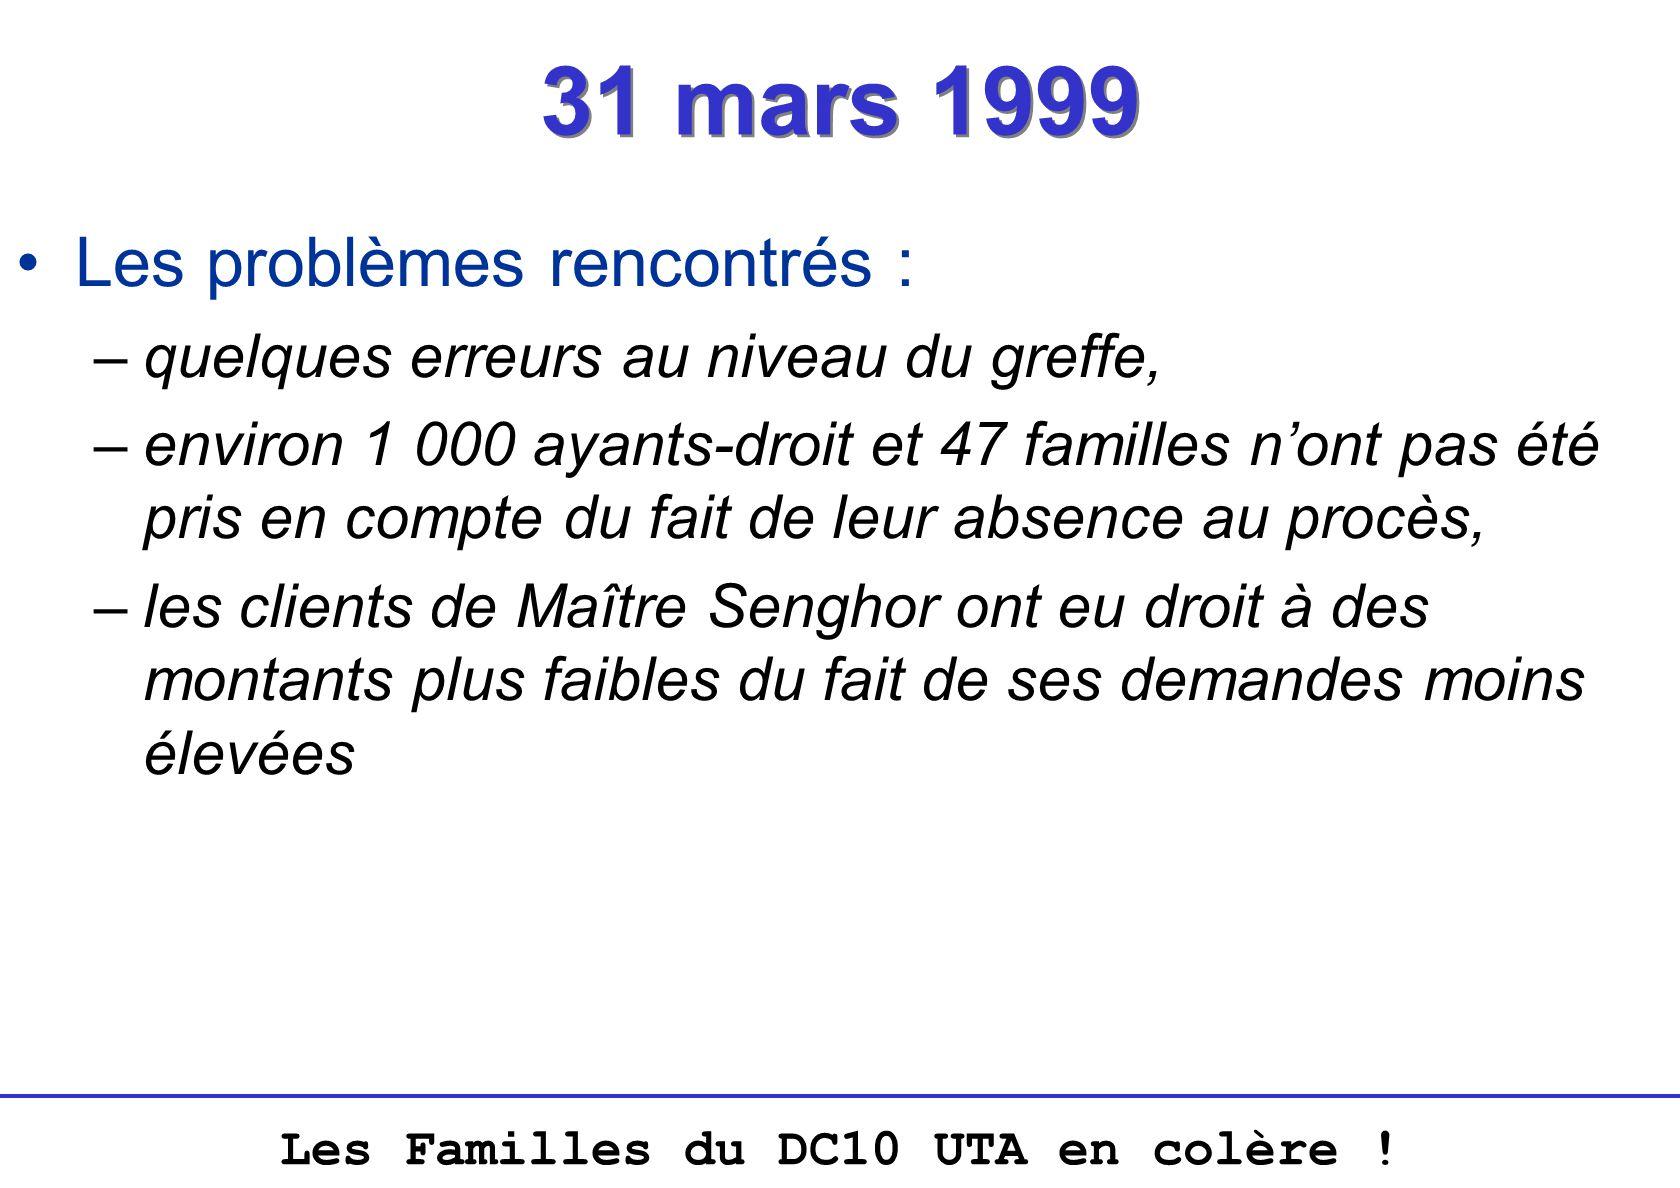 31 mars 1999 Les problèmes rencontrés :